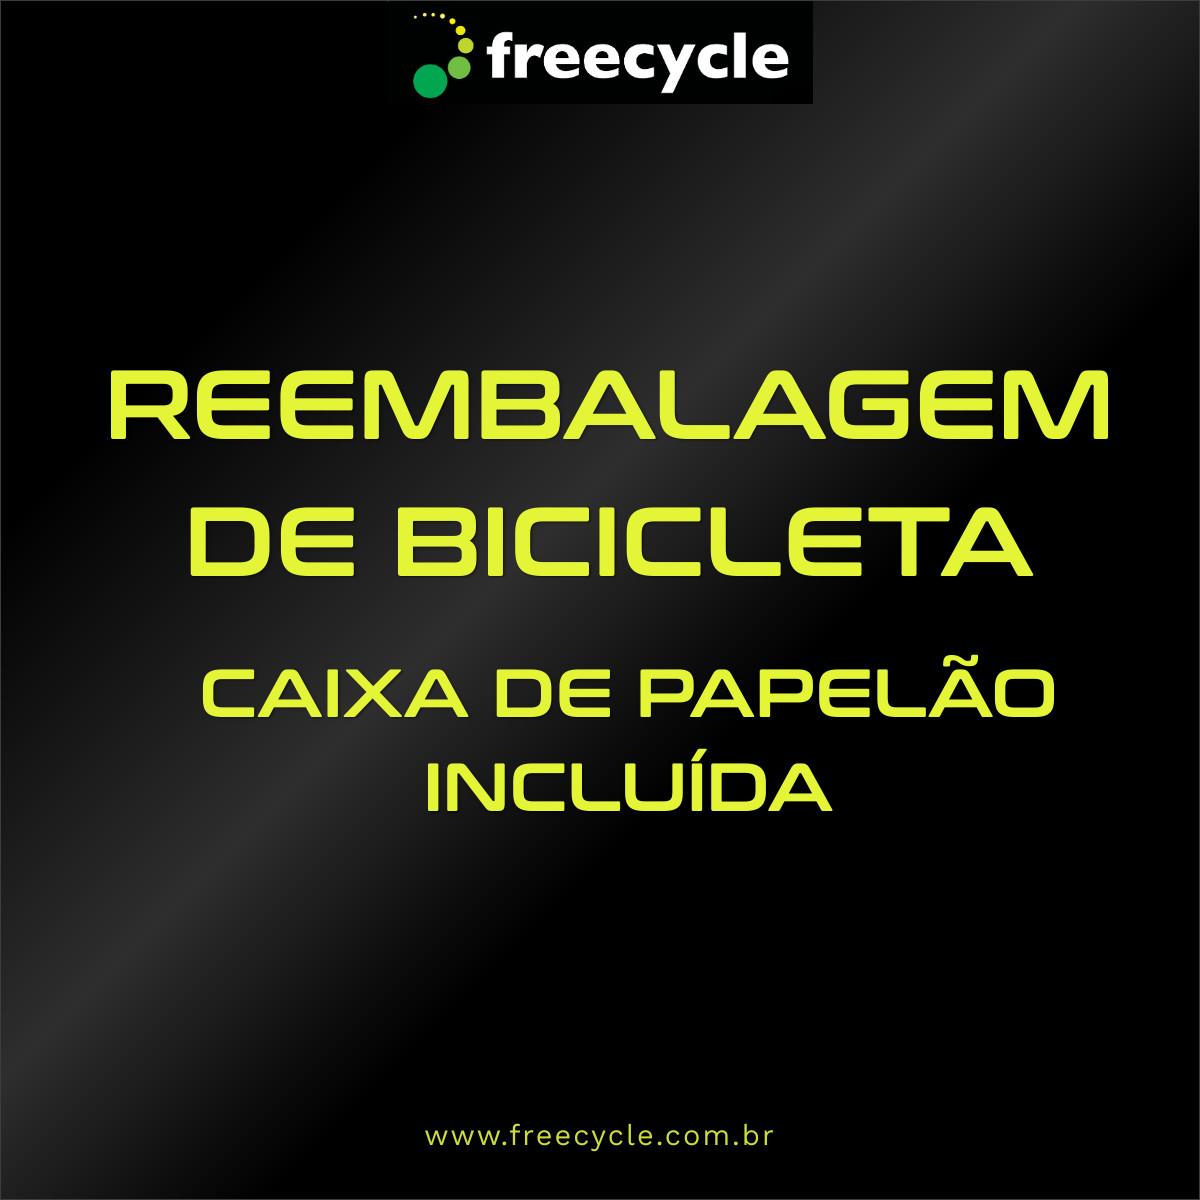 Reembalagem de Bicicleta